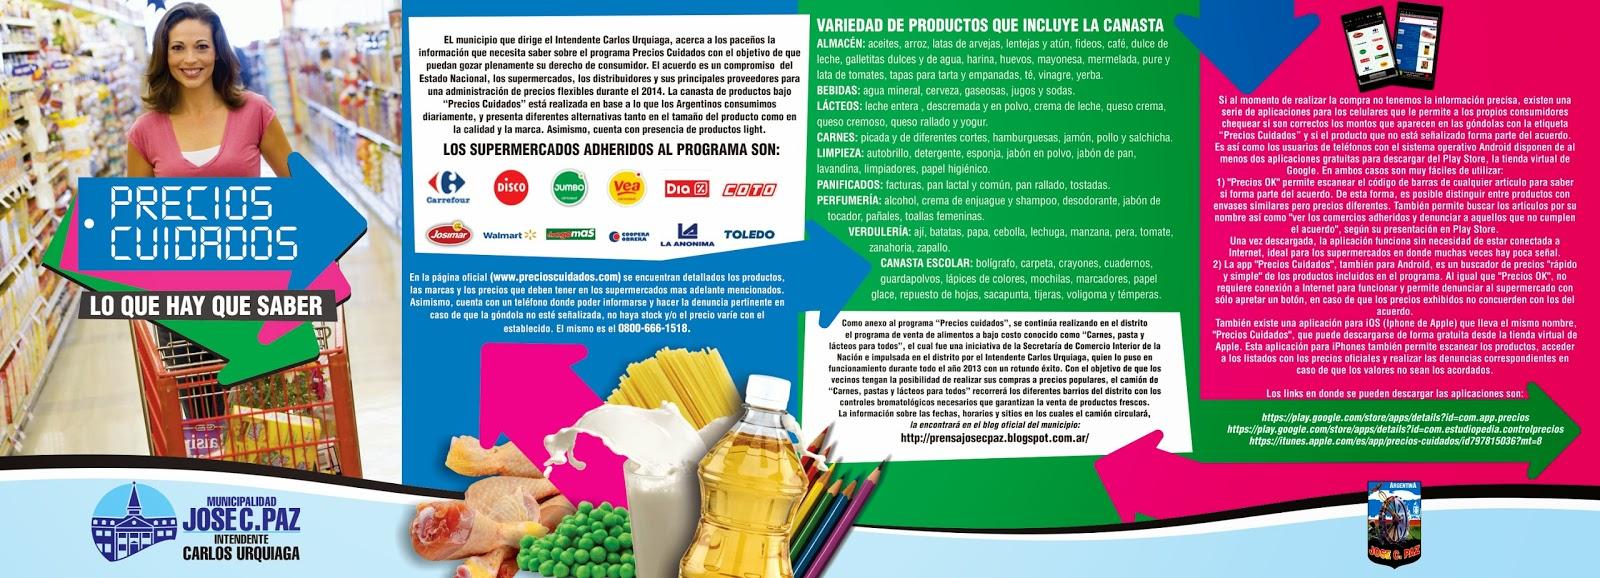 Prensa Municipalidad Jos C Paz Precios Cuidados Lo Que